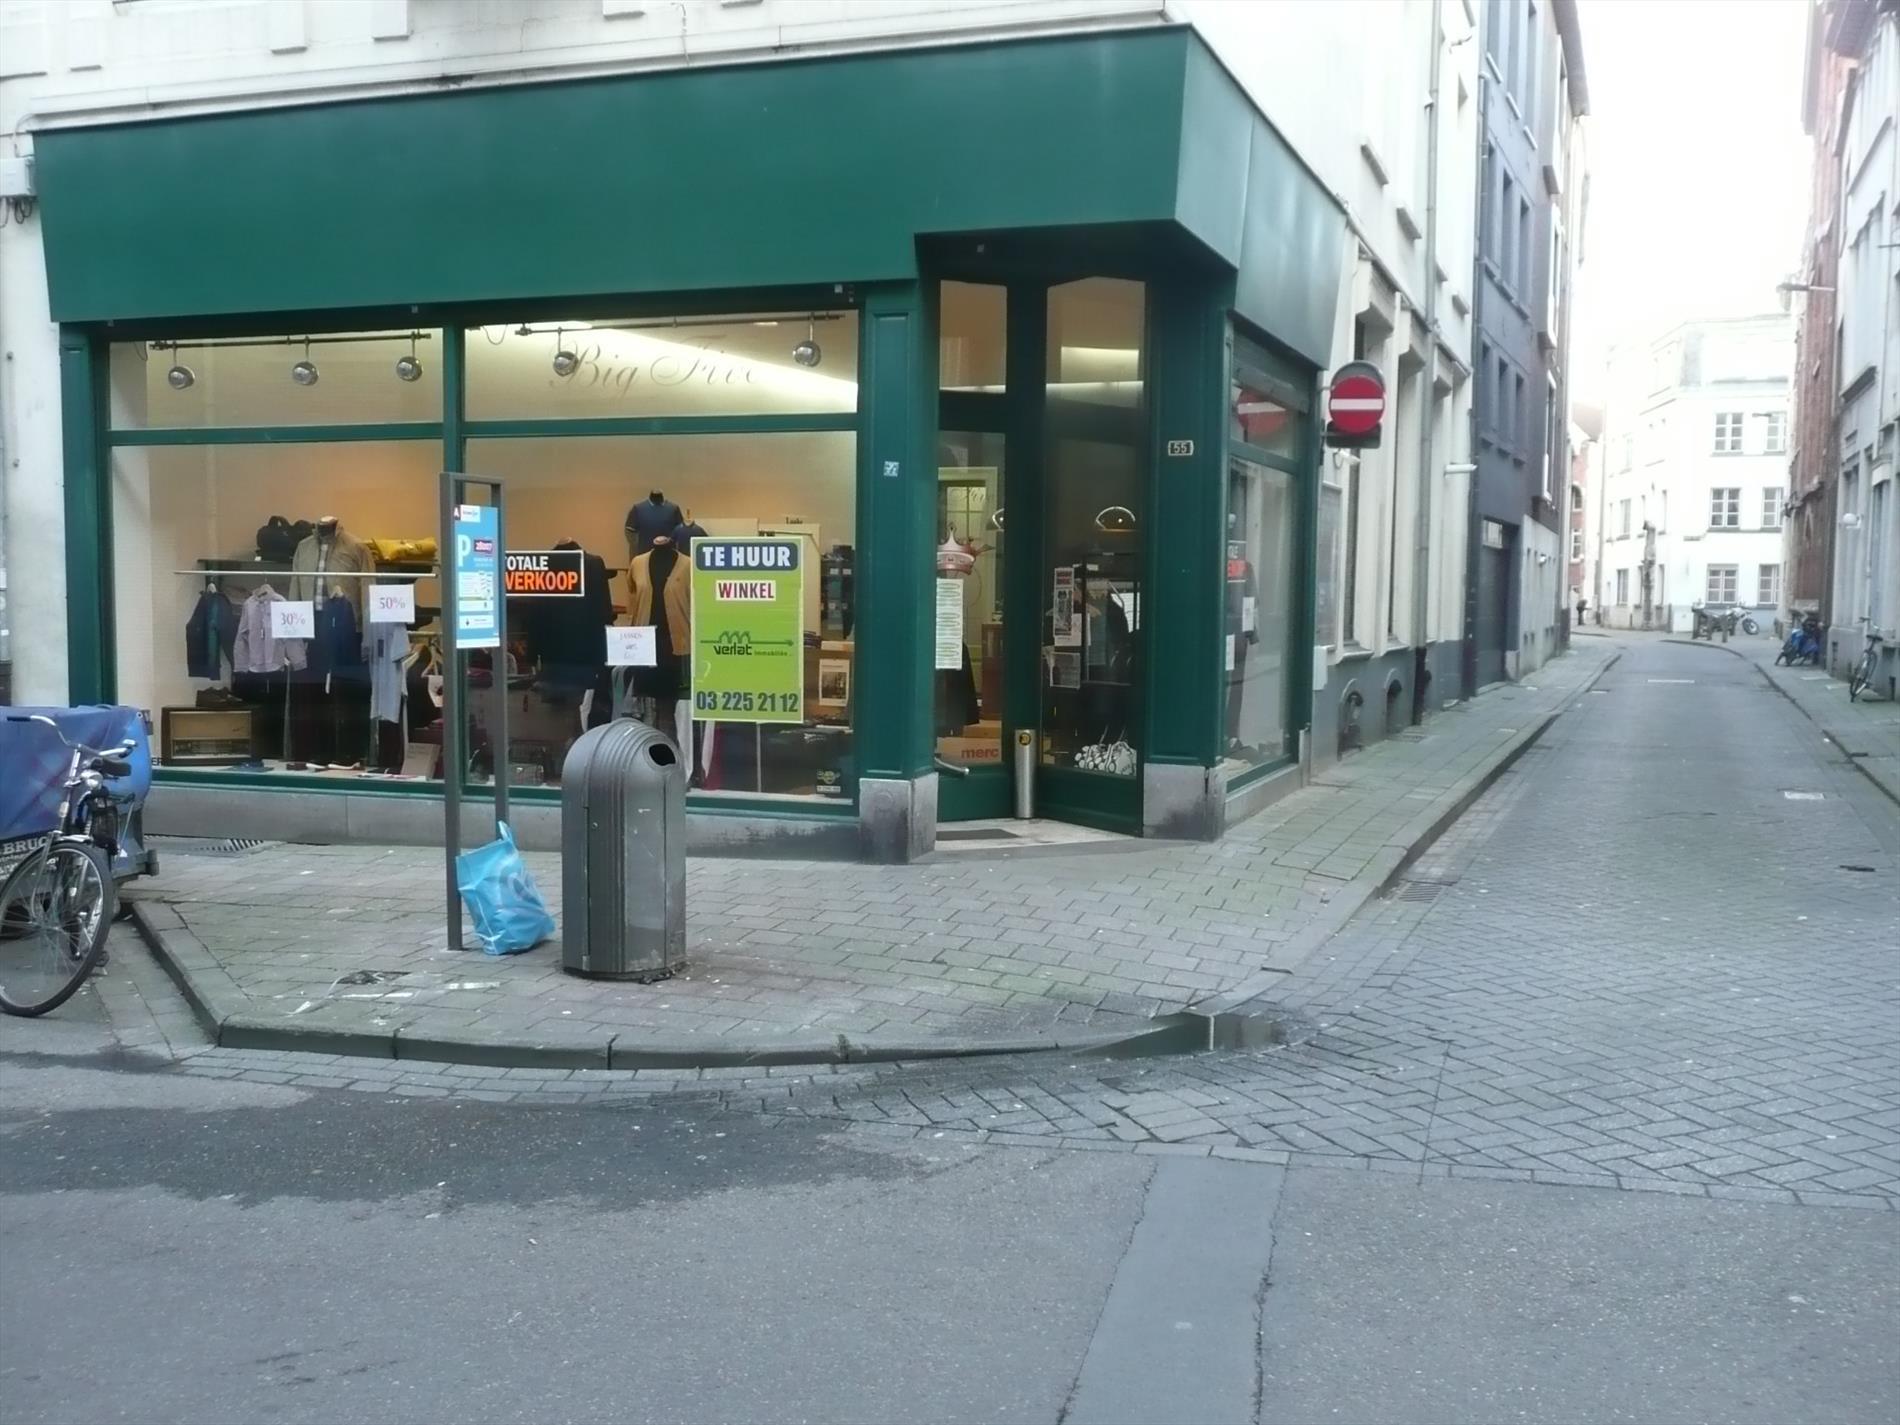 Lange Koepoortstraat 55 Antwerpen